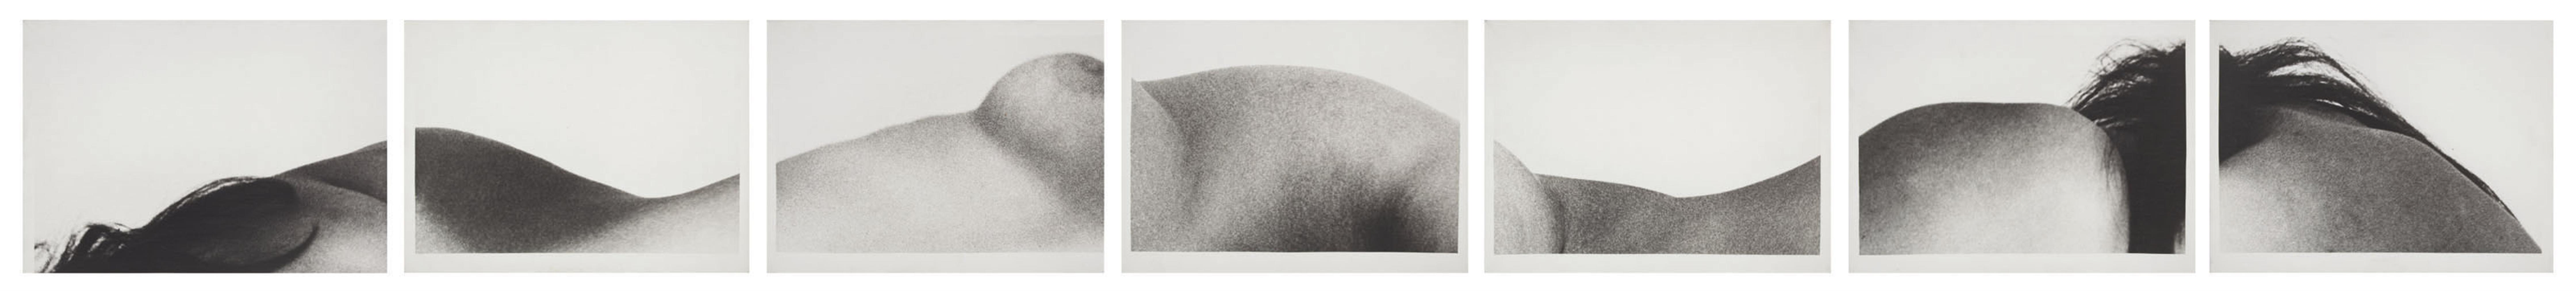 Robert Heinecken-Figure Horizon #4-1972